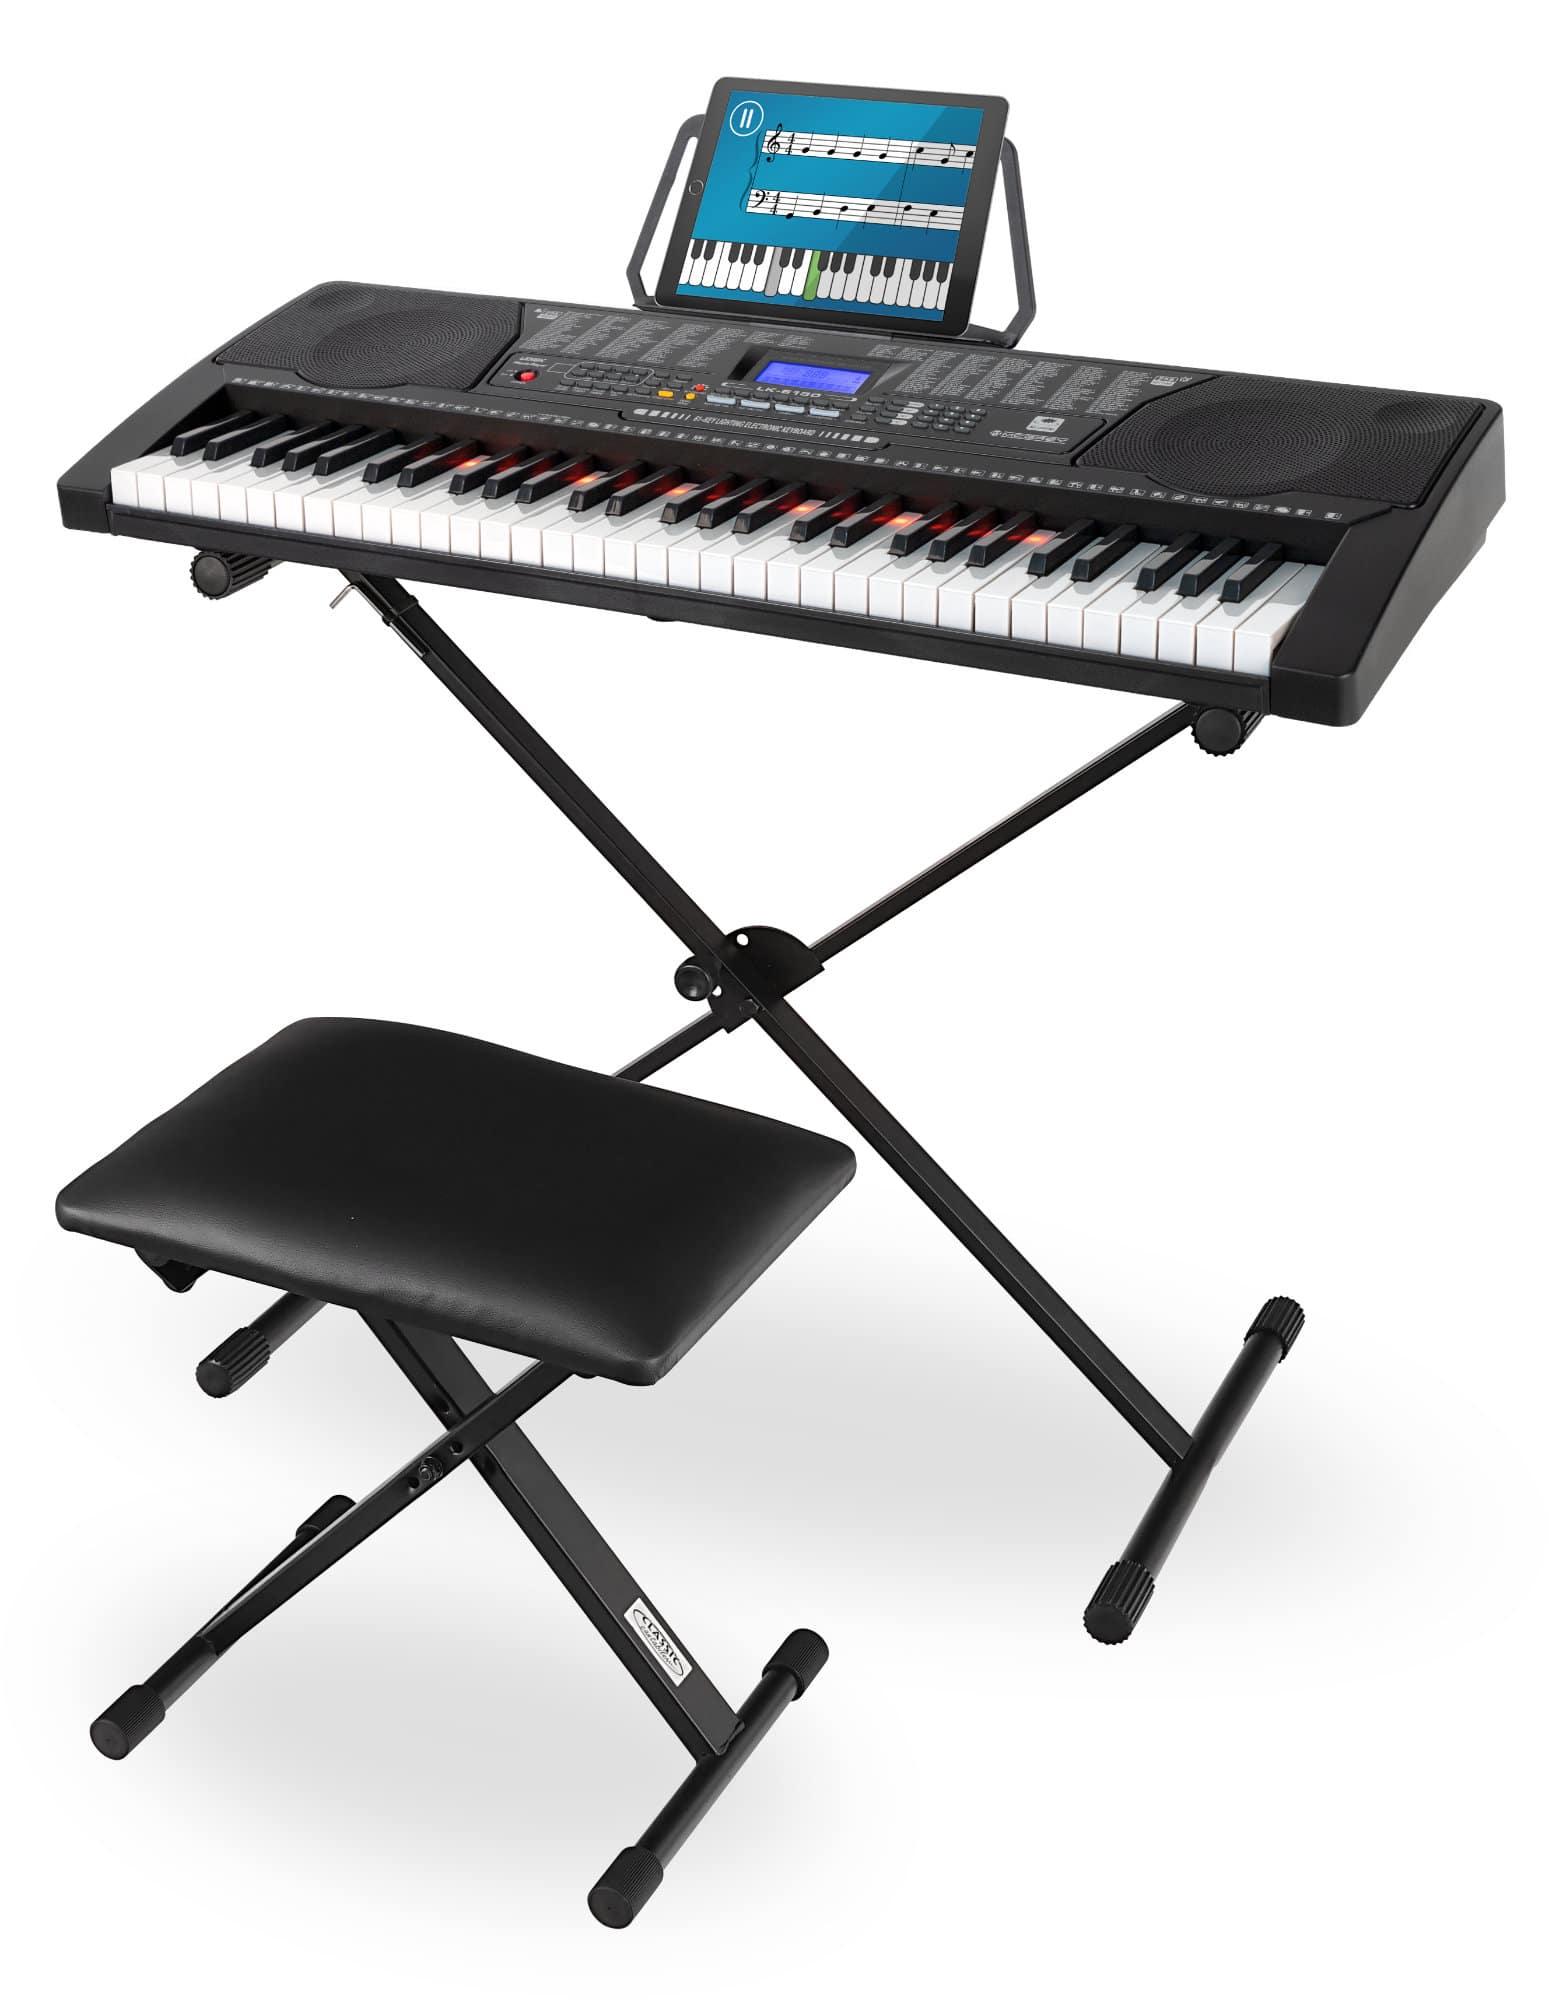 McGrey LK 6150 61 Tasten Leuchttasten Keyboard Set